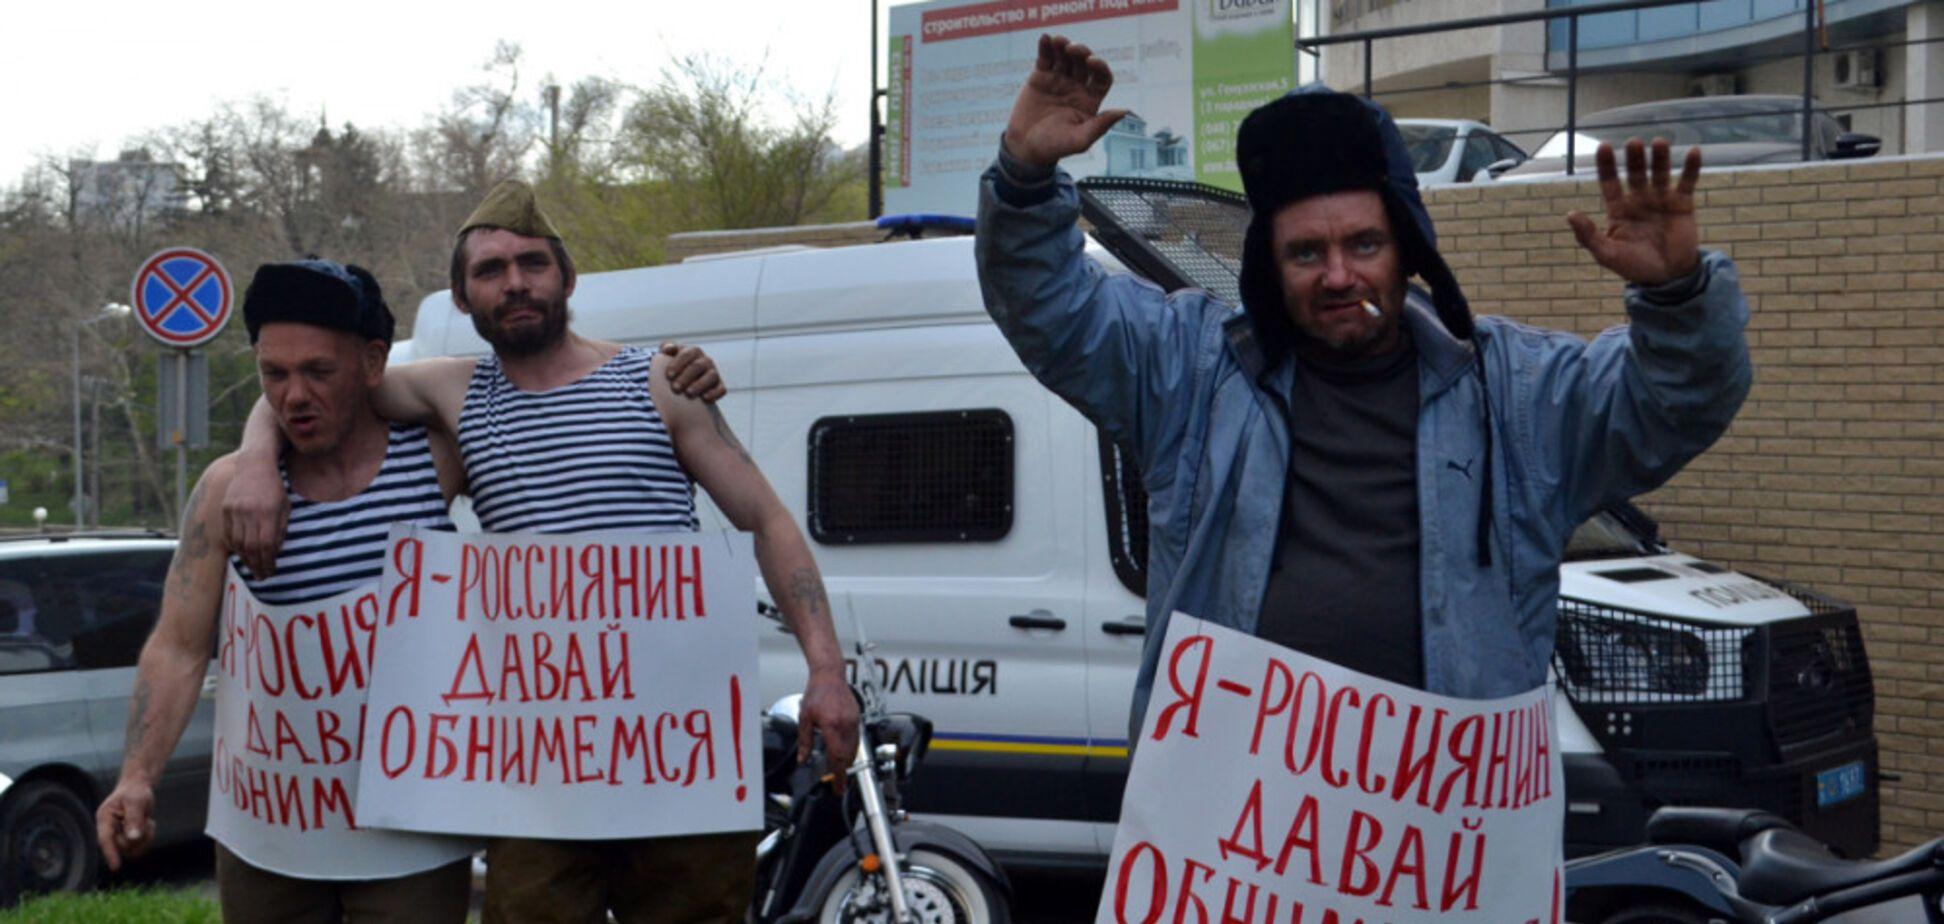 'Давай обнимемся': в Одессе к генконсульству РФ пришли бездомные